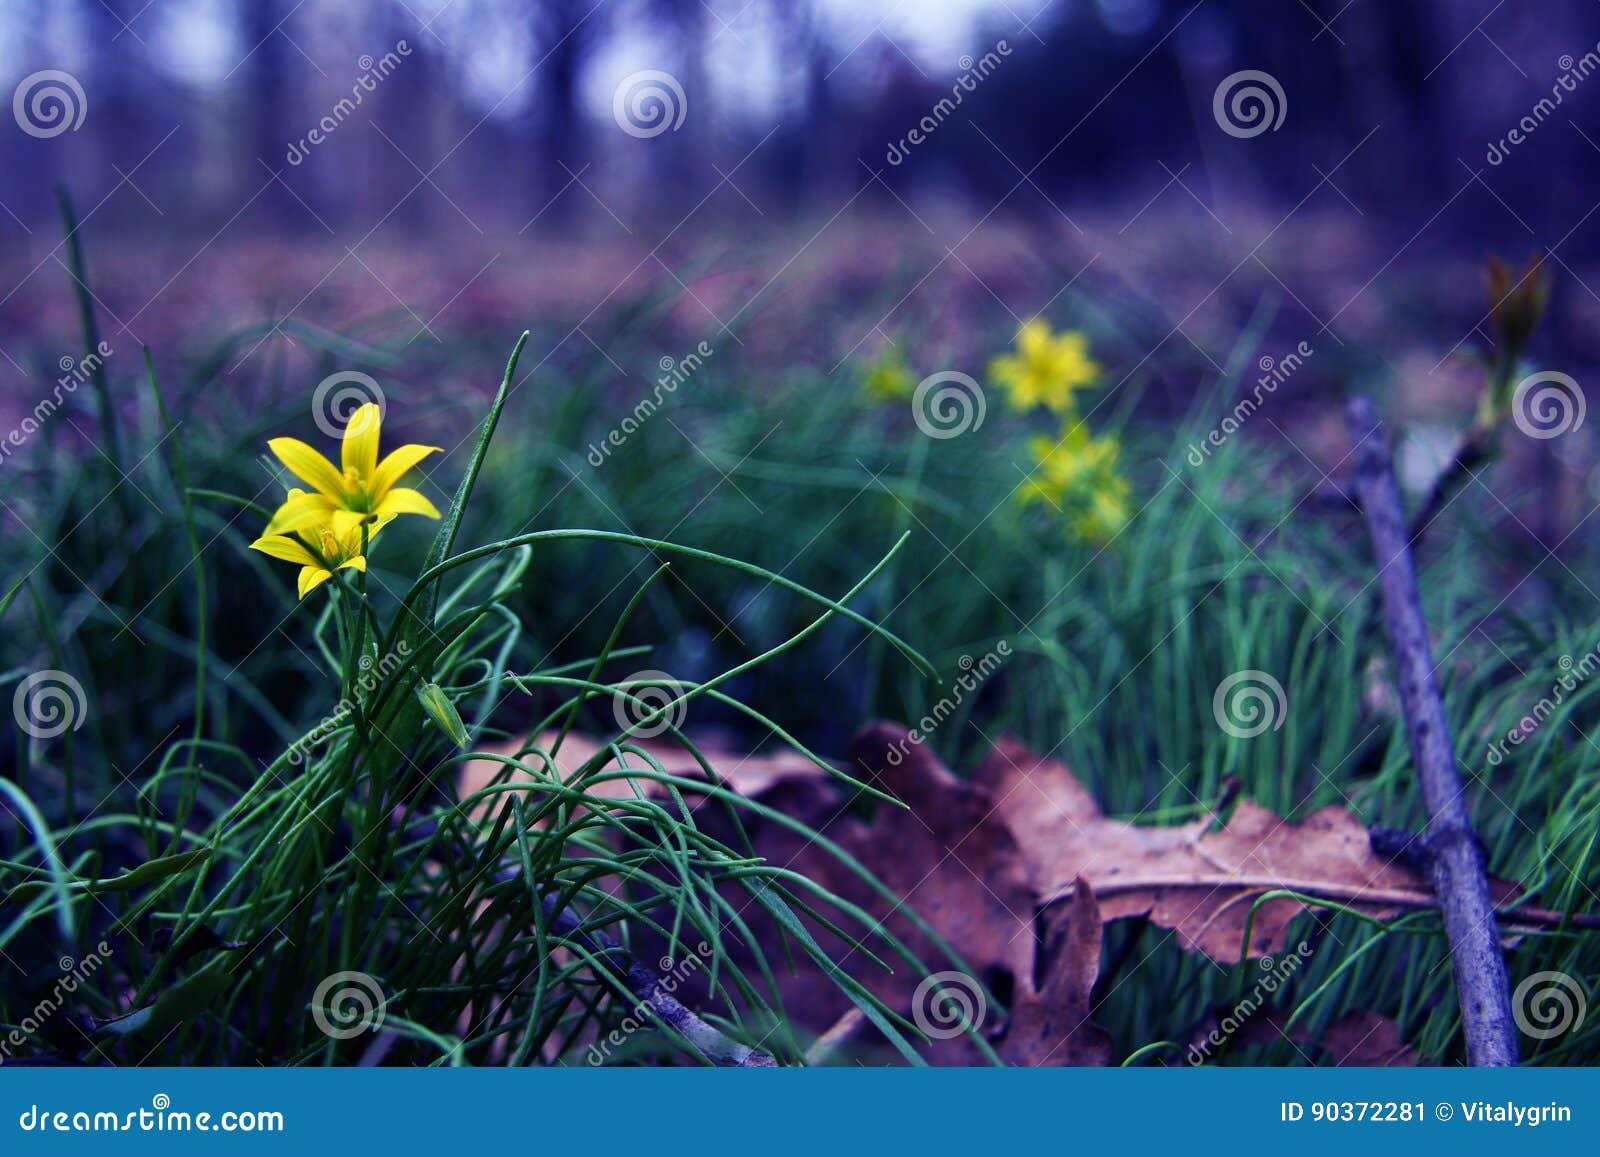 Красивые желтые цветки среди травы и листьев Природа и весна Дача, лес или парк